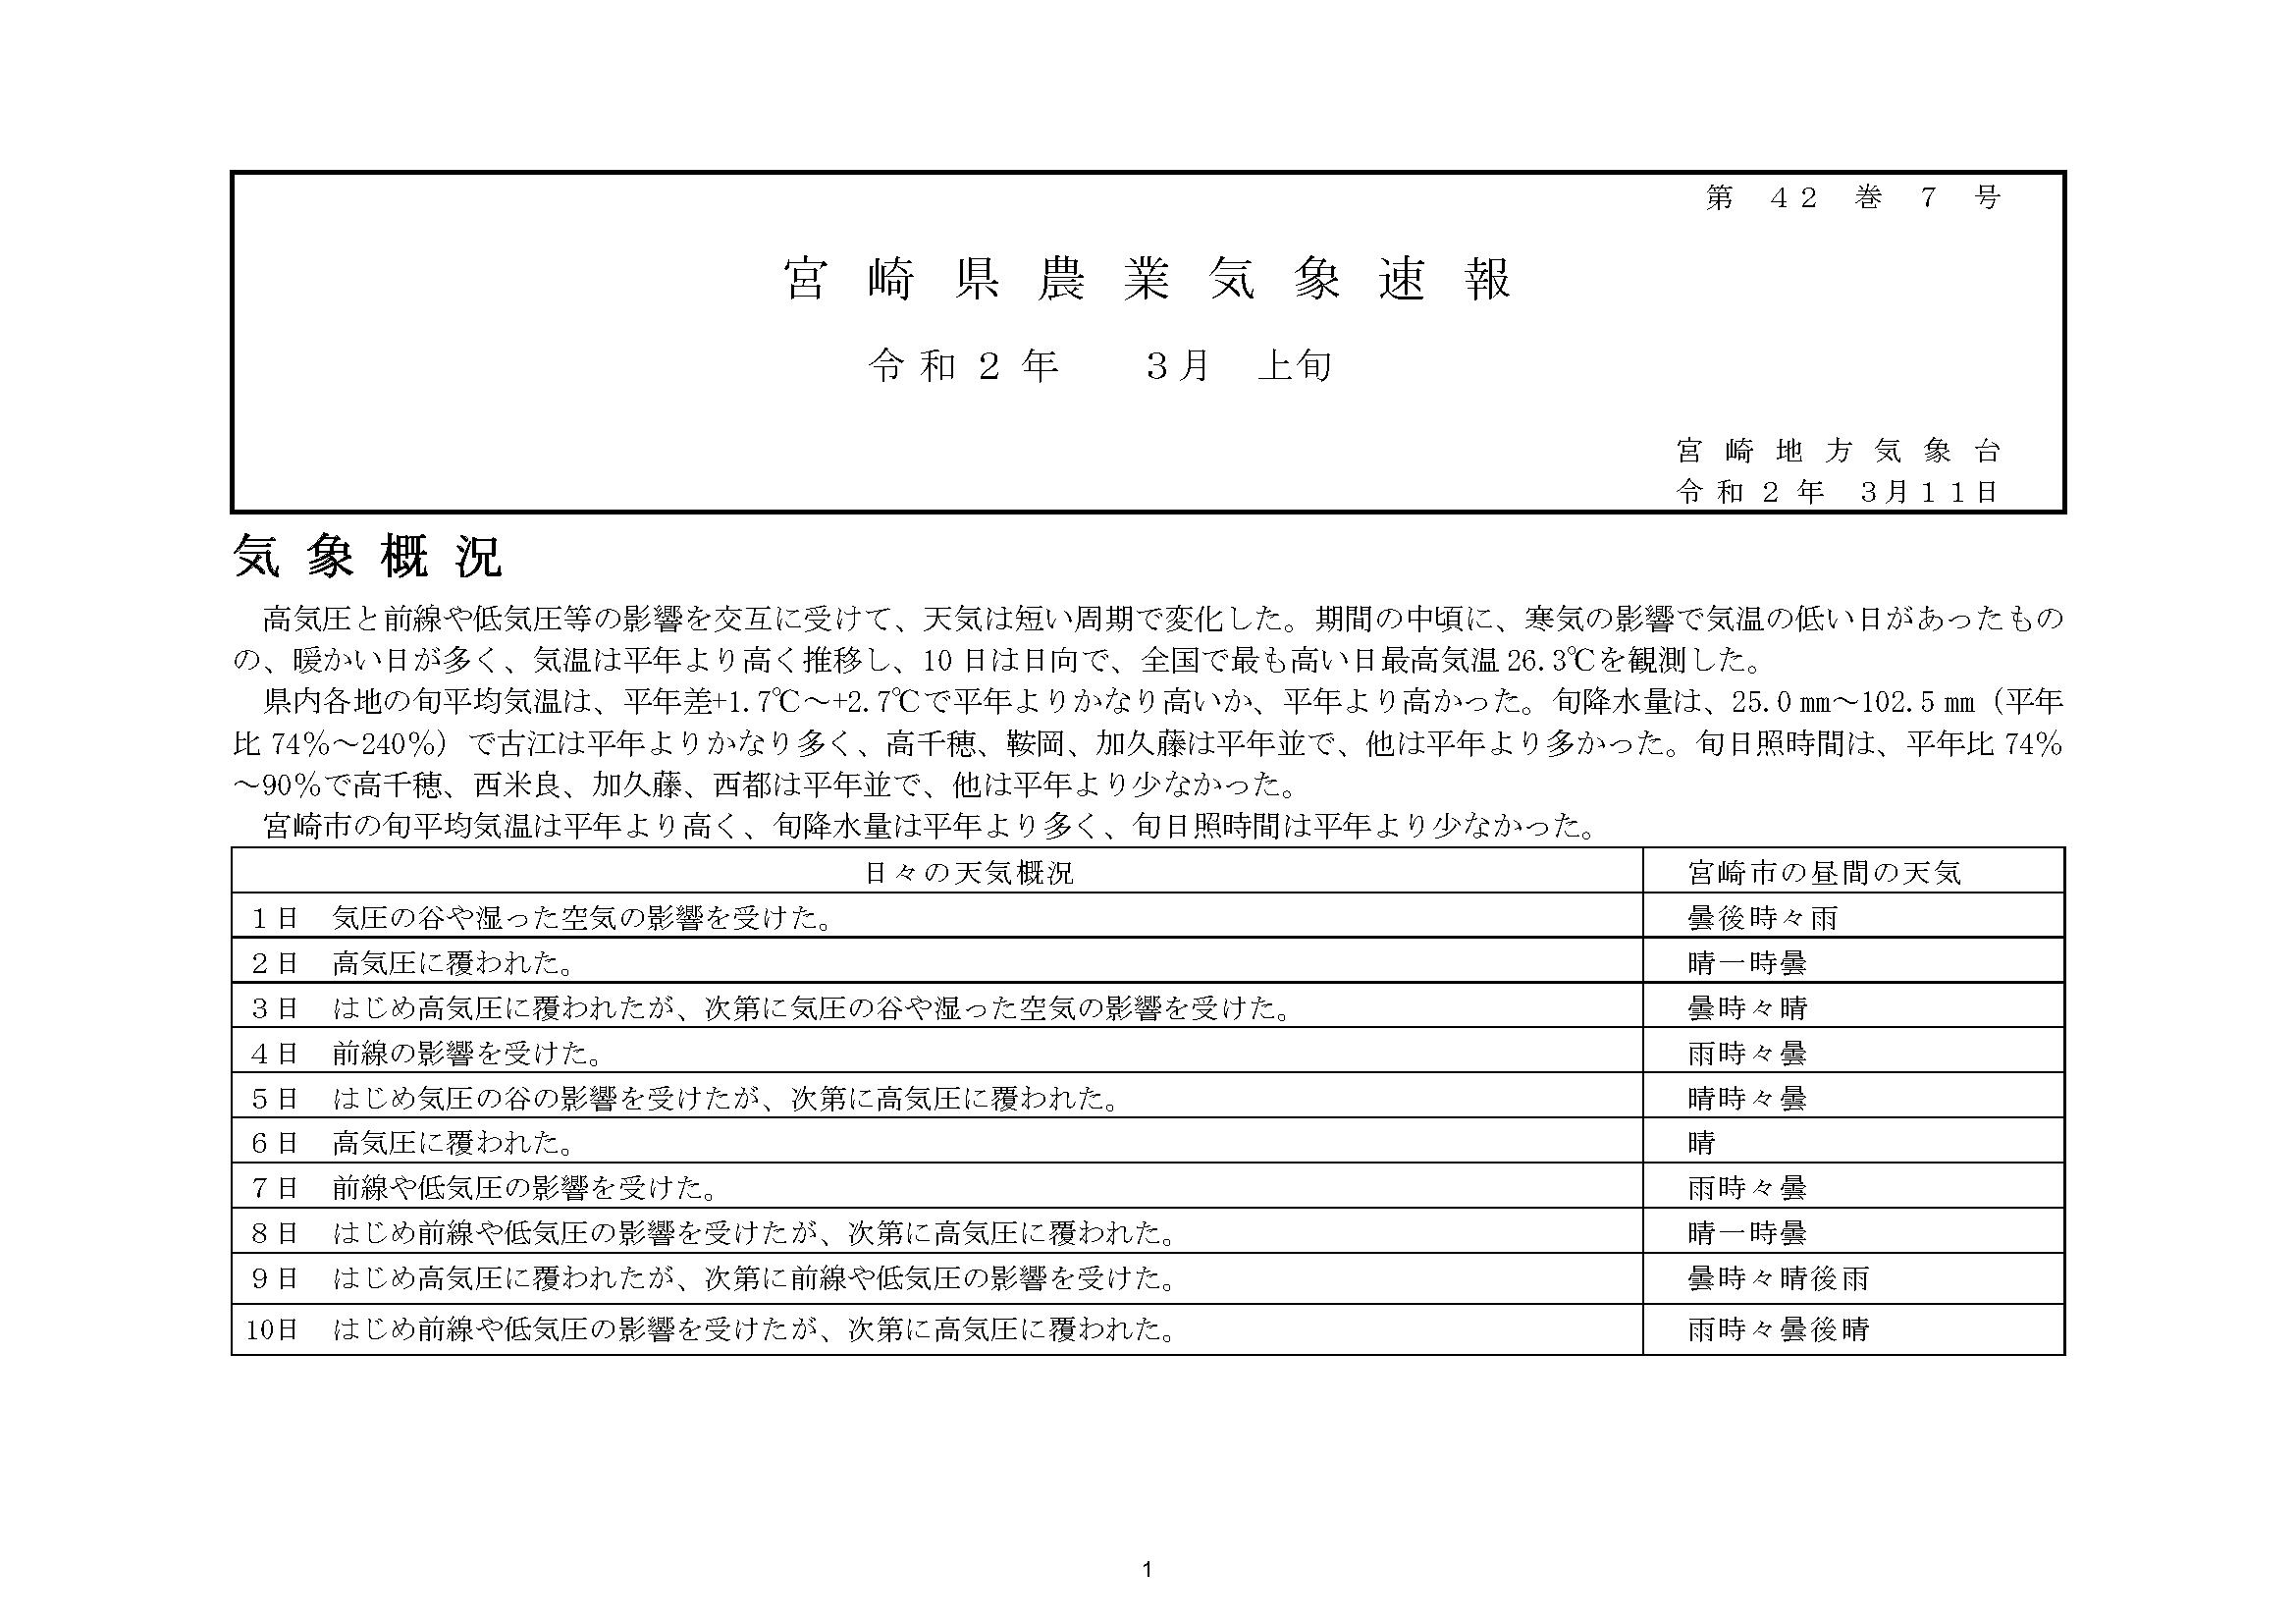 宮崎県農業気象速報令和2年3月上旬PDF